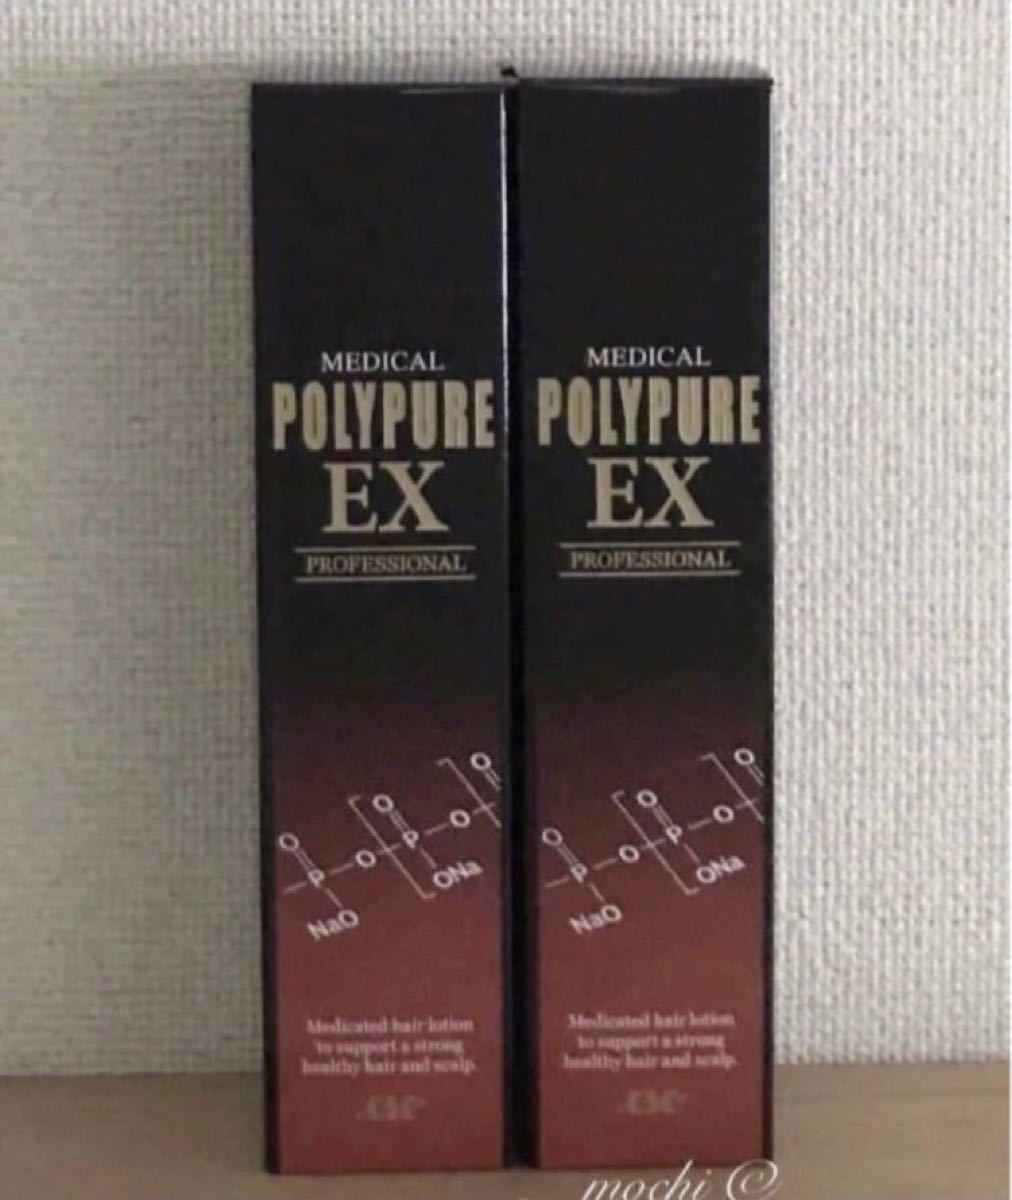 ポリピュアEX 育毛剤 & 育毛シャンプー 4個セット 薬用 ポリピュアEX スカルプ 新品未開封